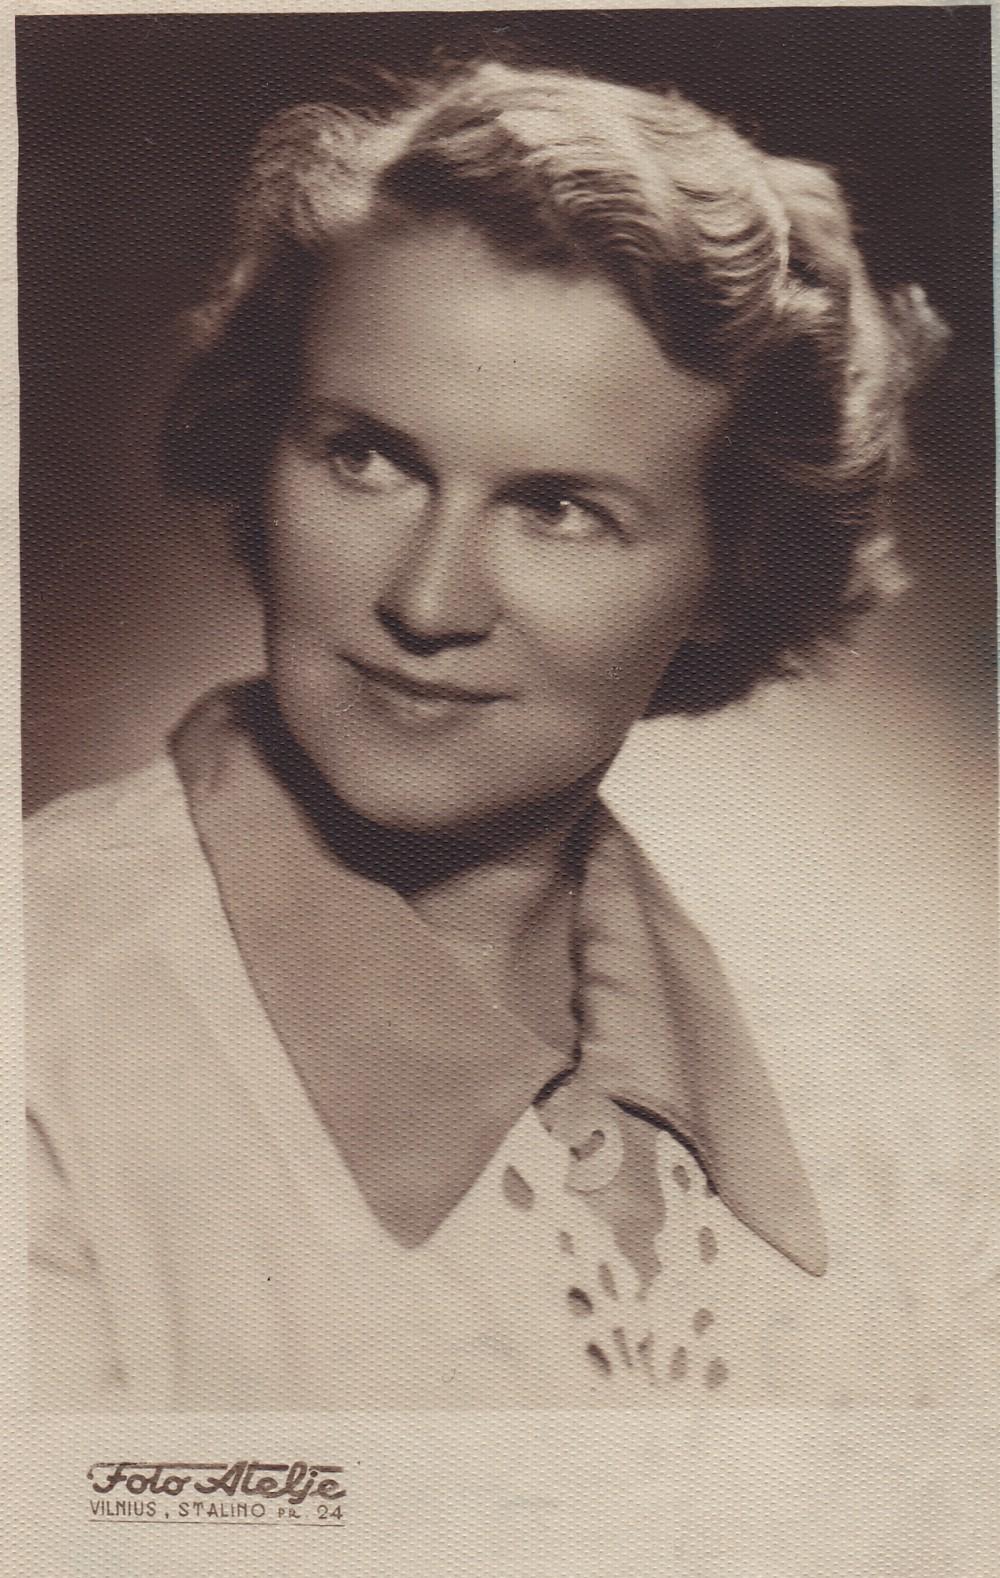 A. Liobytė – Valstybinės grožinės literatūros leidyklos Vaikų ir jaunimo redakcijos vedėja. Vilnius, 1955 m.